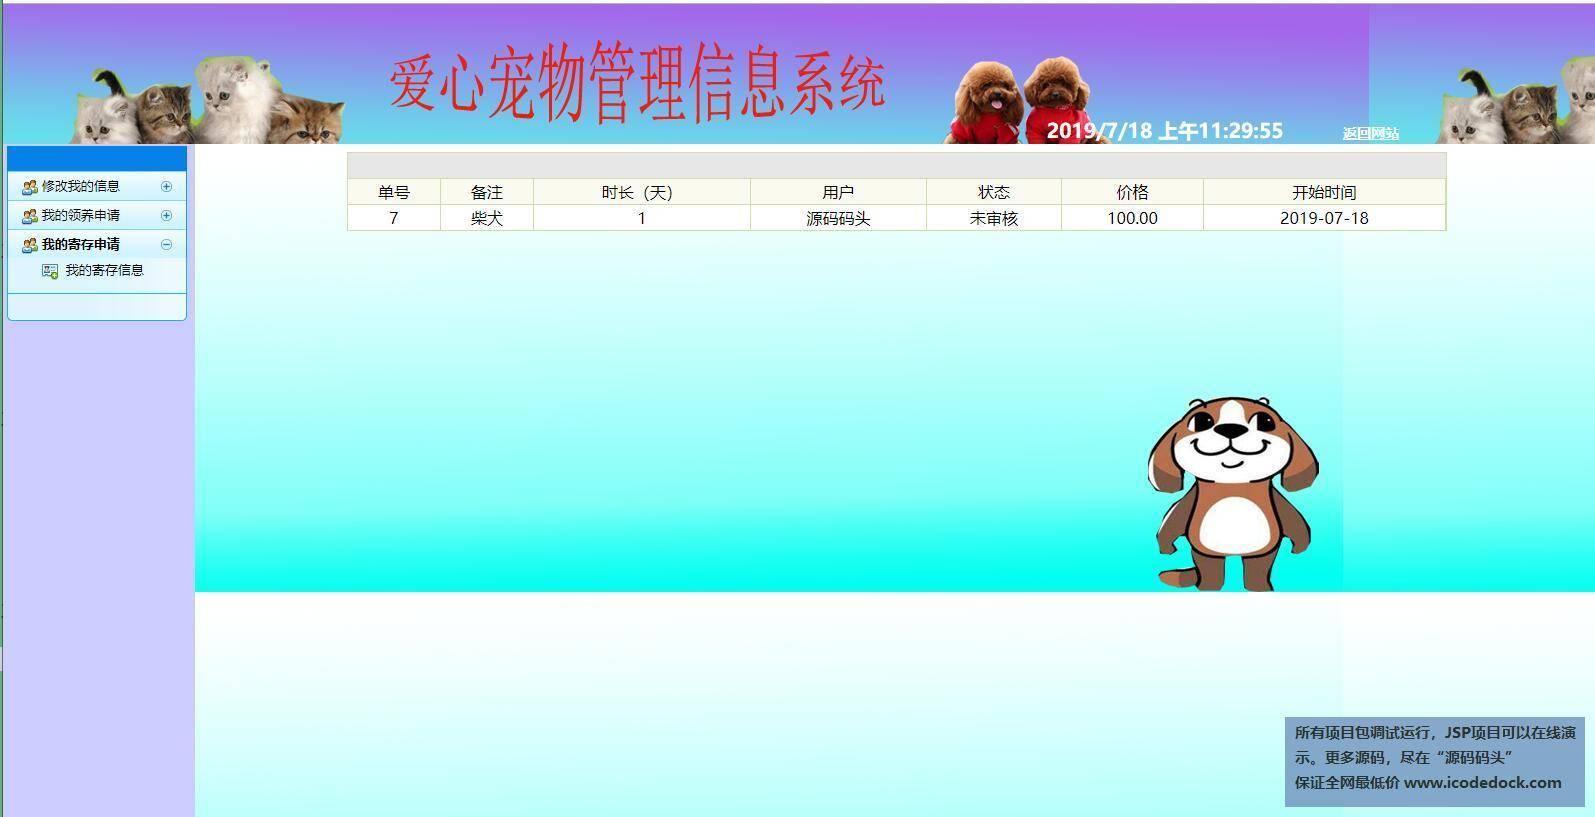 源码码头-SSH宠物领养饲养交流管理平台-用户角色-个人中心